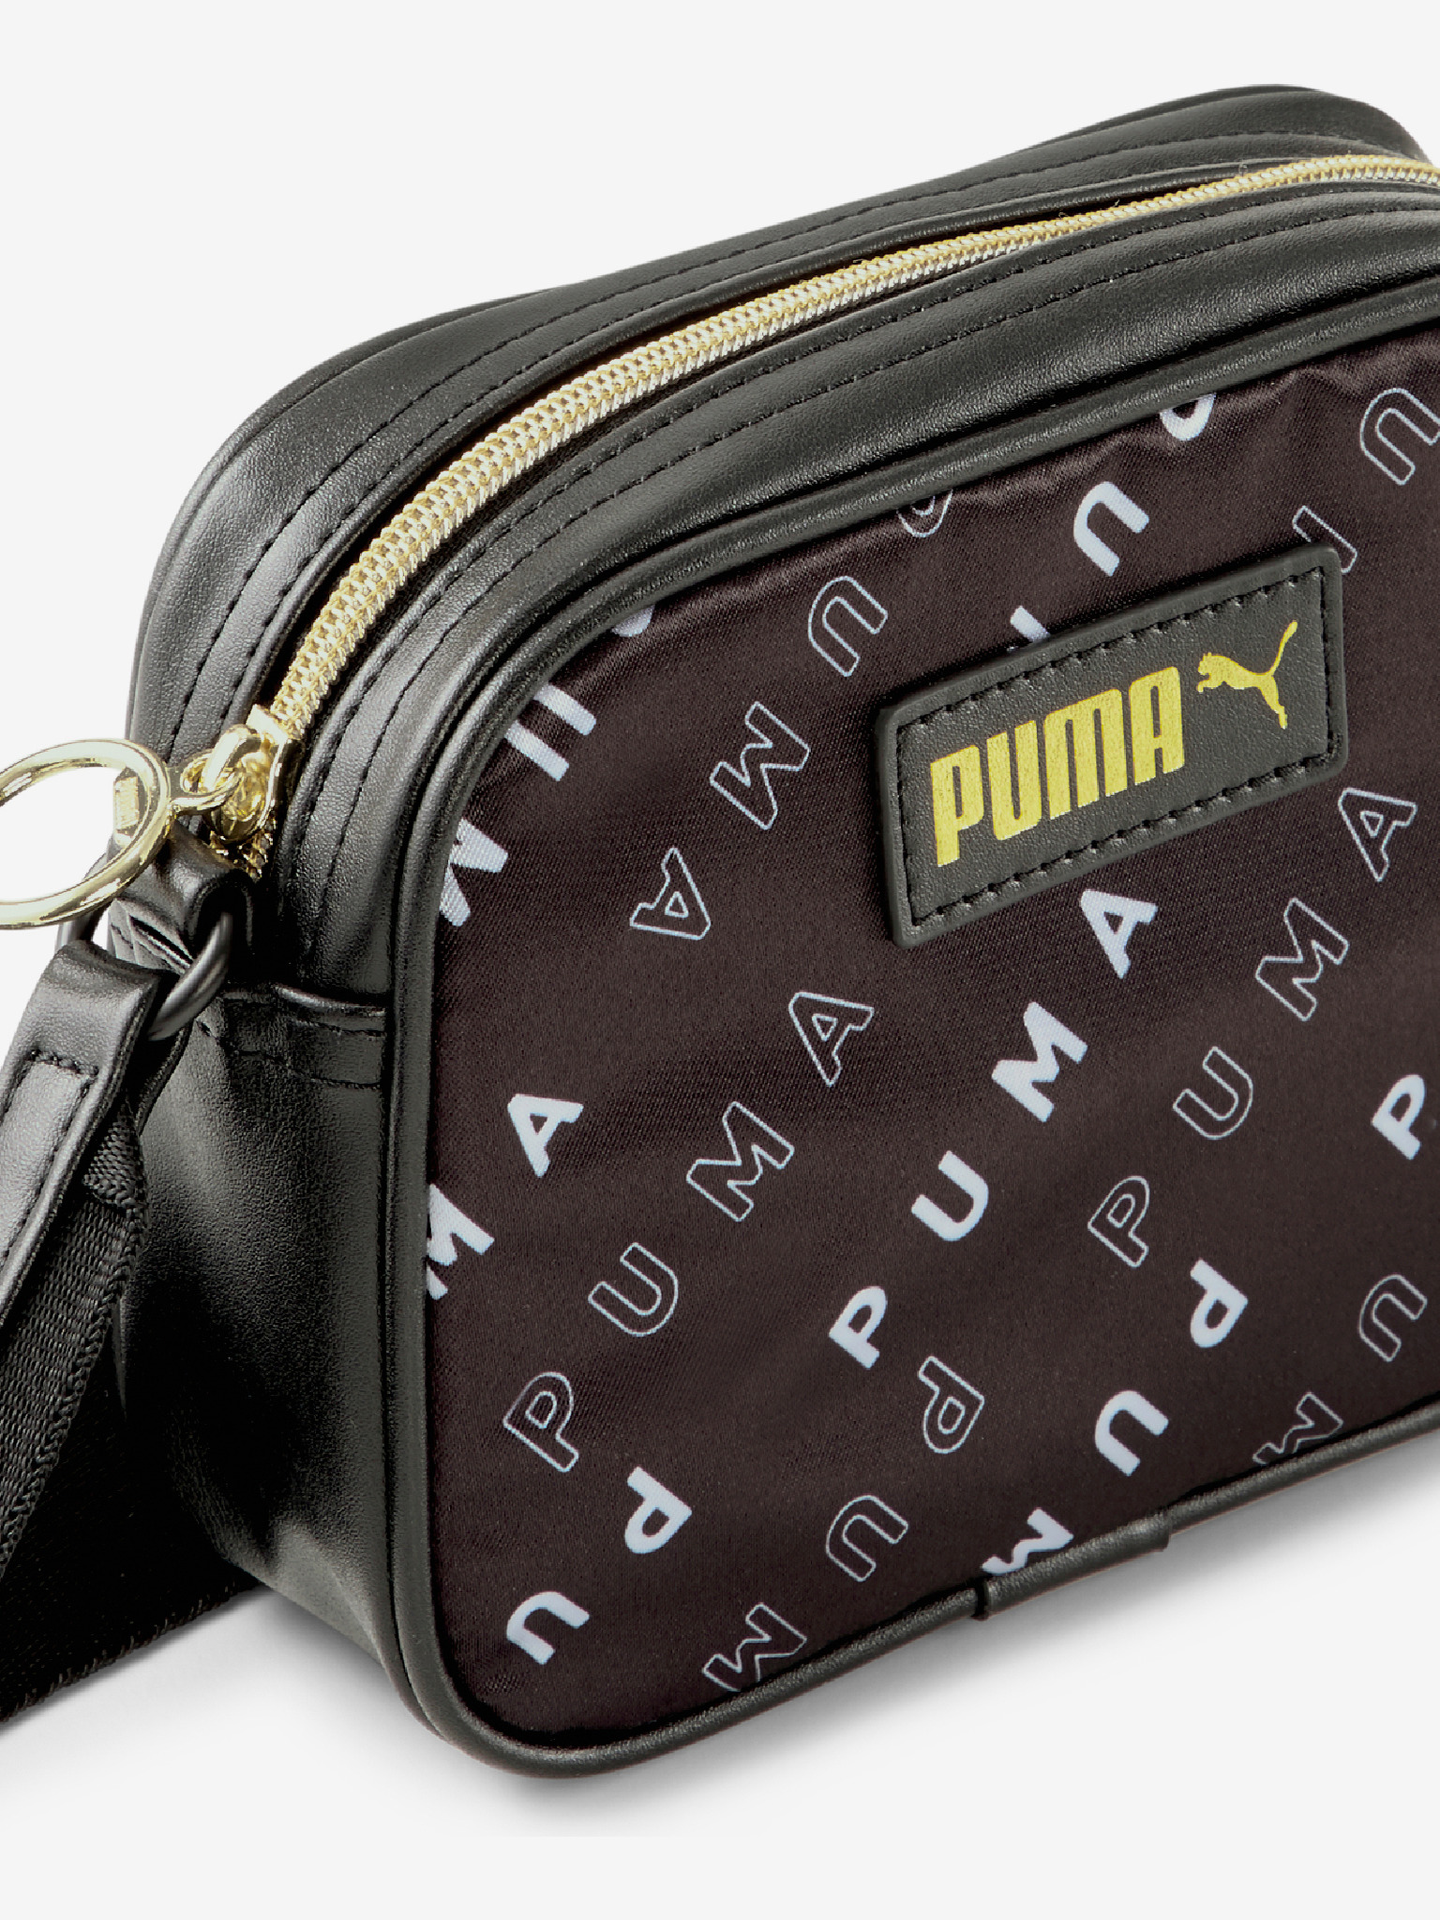 Puma Borsetta donna nero